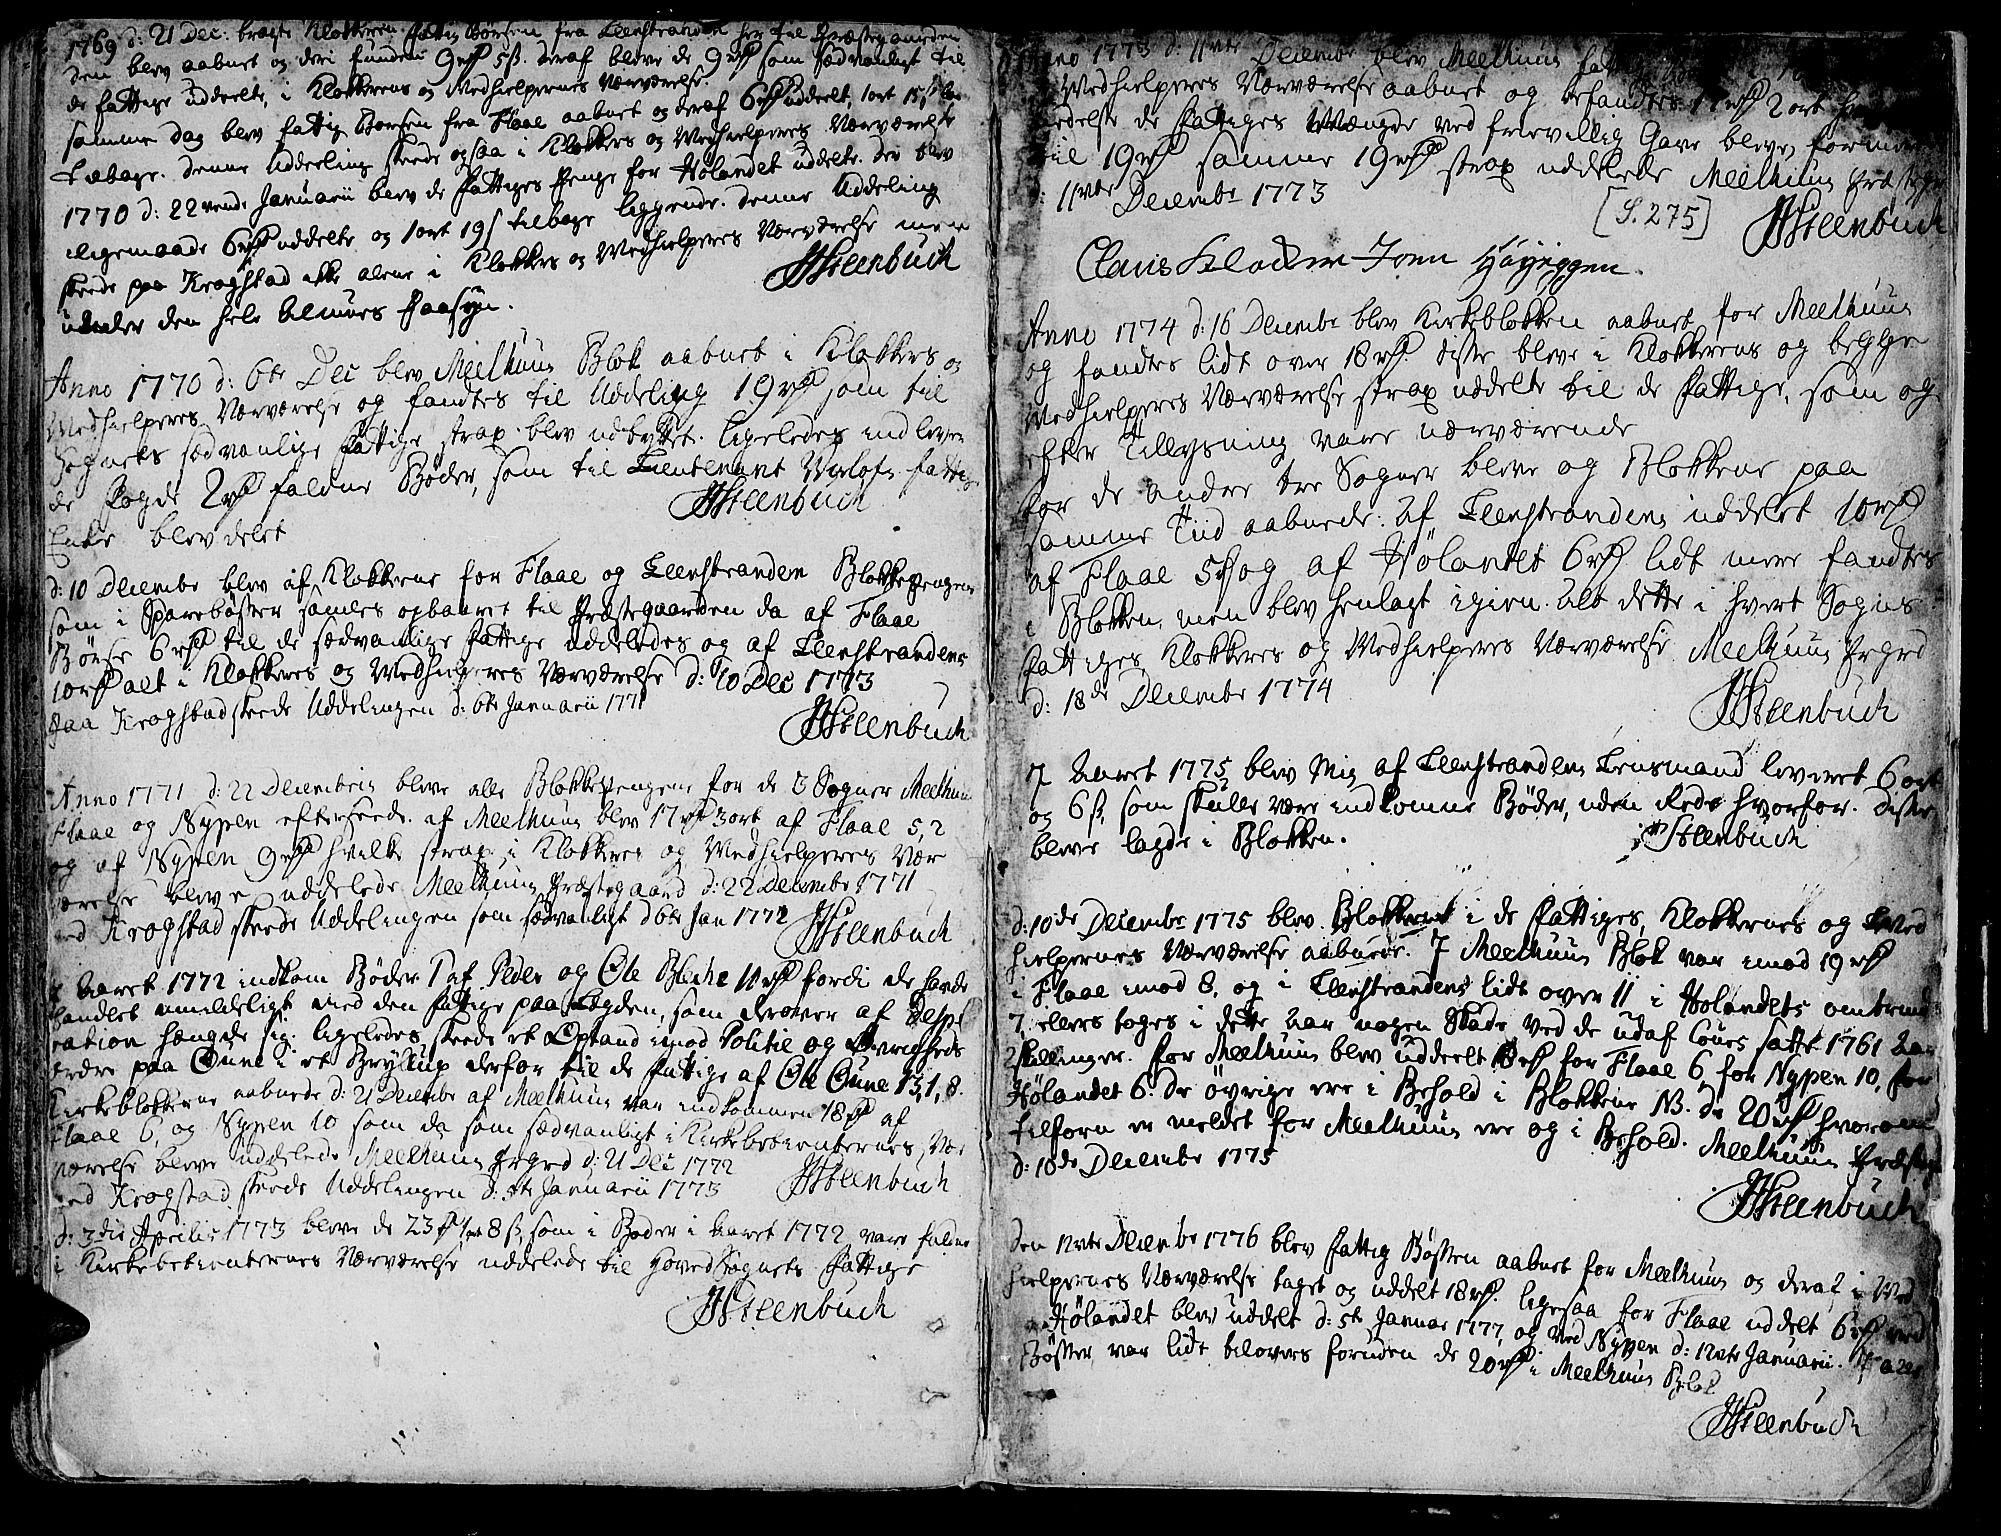 SAT, Ministerialprotokoller, klokkerbøker og fødselsregistre - Sør-Trøndelag, 691/L1061: Ministerialbok nr. 691A02 /1, 1768-1815, s. 275